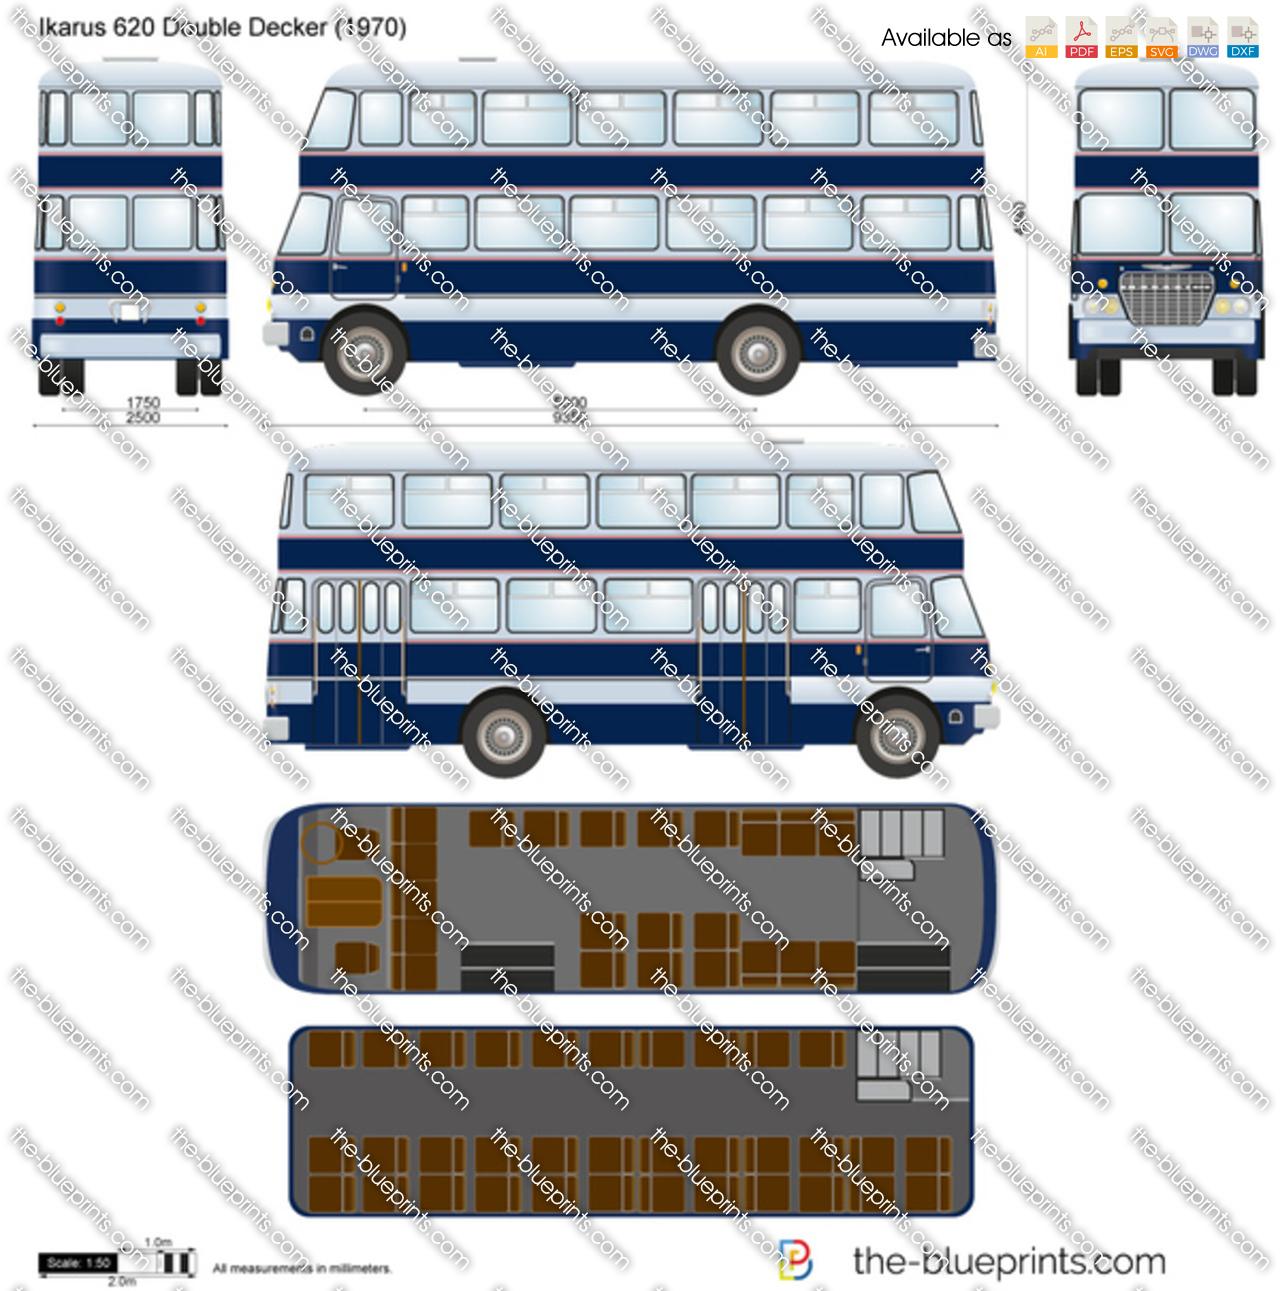 Ikarus 620 Double Decker